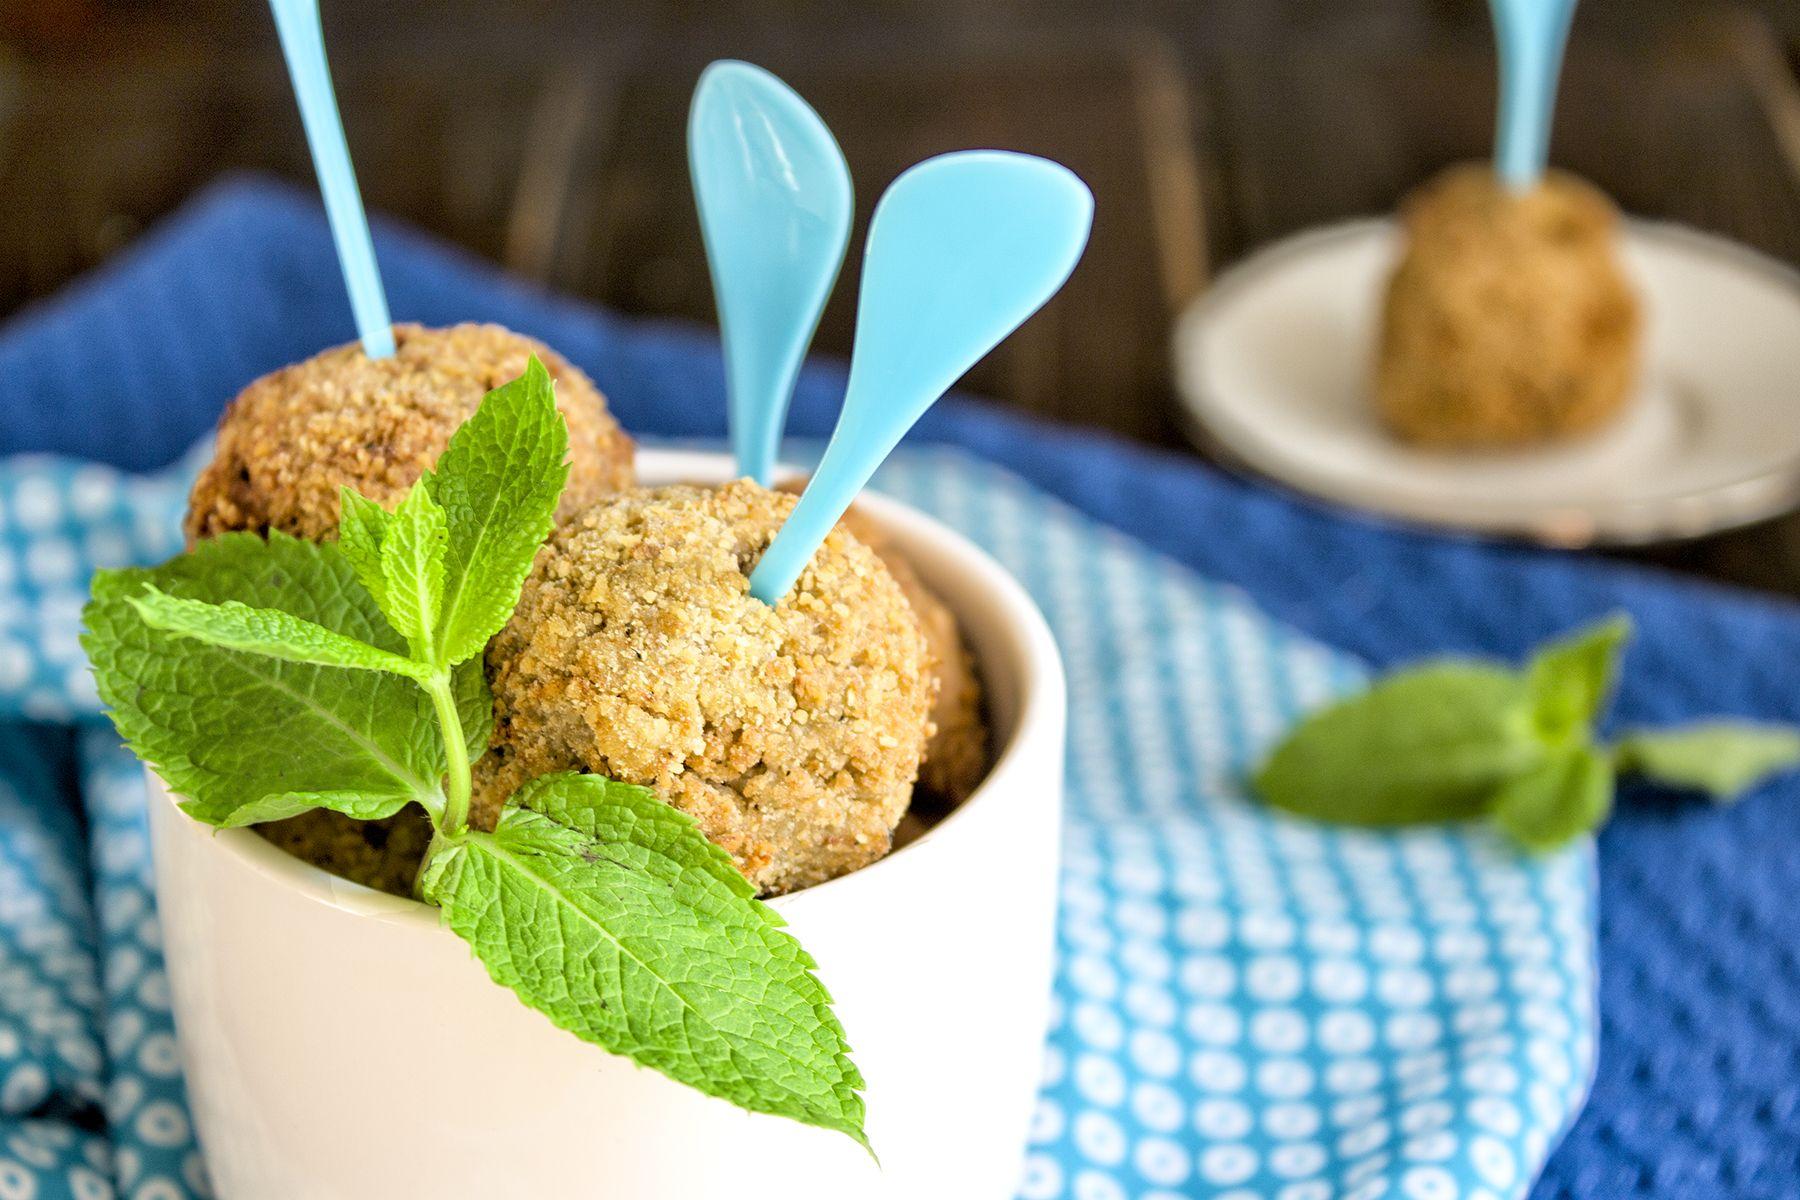 polpette-di-sarde-uva-passa-secondo-pesce-contemporaneo-food